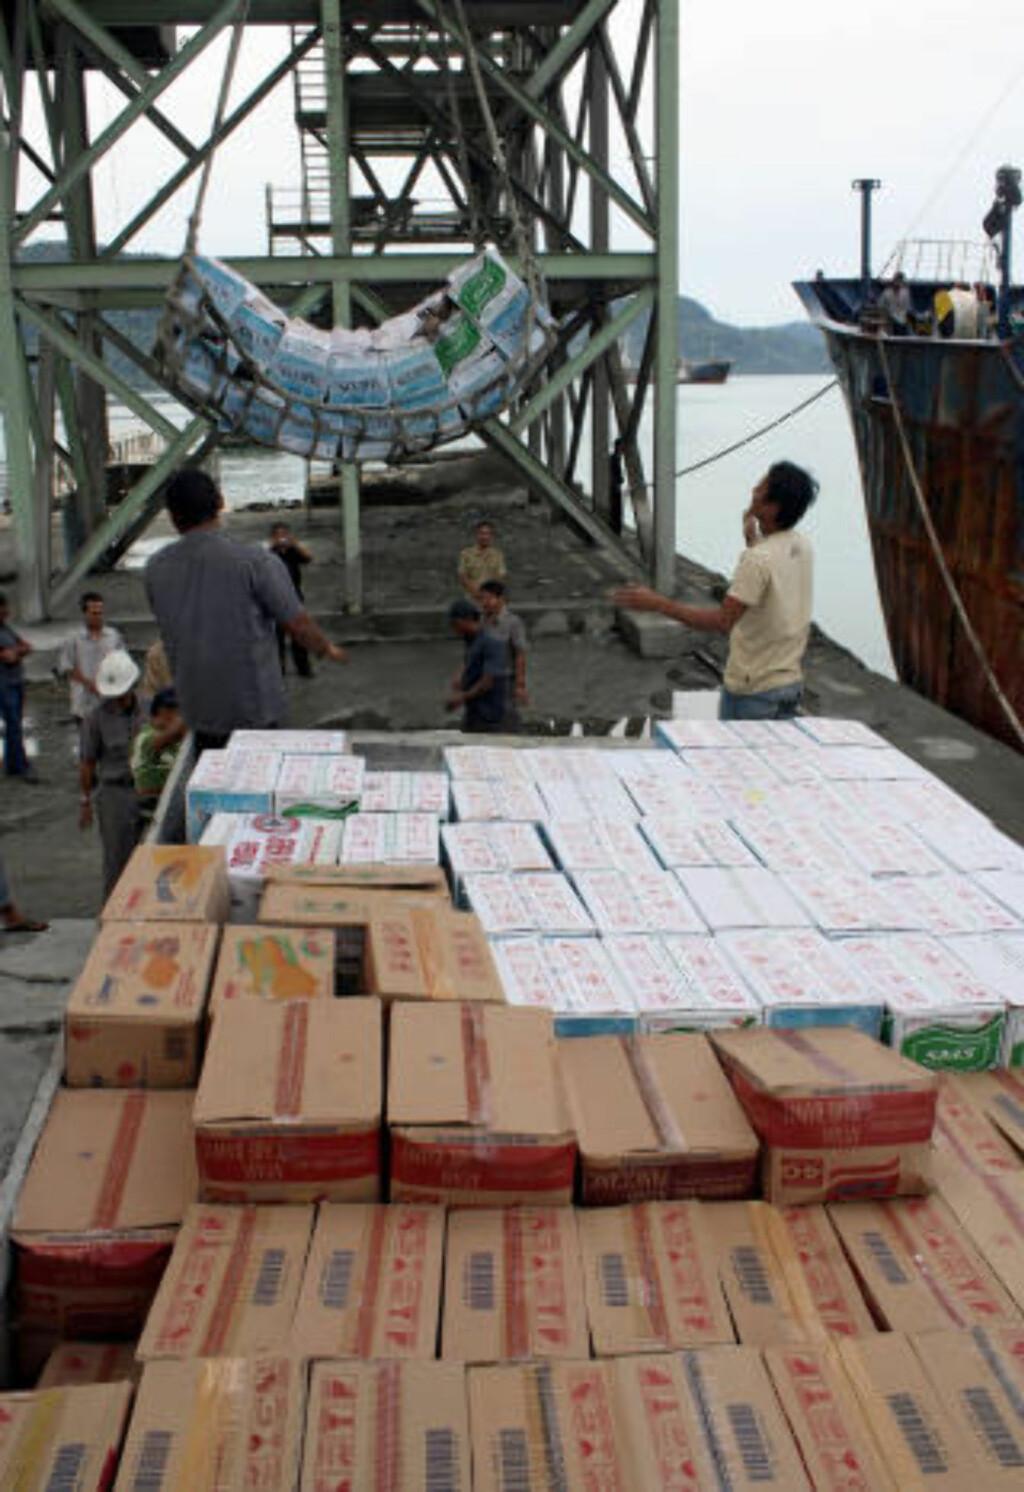 LESSER, MEN KOMMER IKKE FRAM : Lokale menn lesser nærmere 16 tonn med nødhjelpsrasjoner fra det lokale Disaster Management Agency til ofrene etter tsunamien og vulkanutbruddene. På grunn av dårlig vær er det vanskelig å få rasjonene fram. Foto: Rus Akbar/AFP.